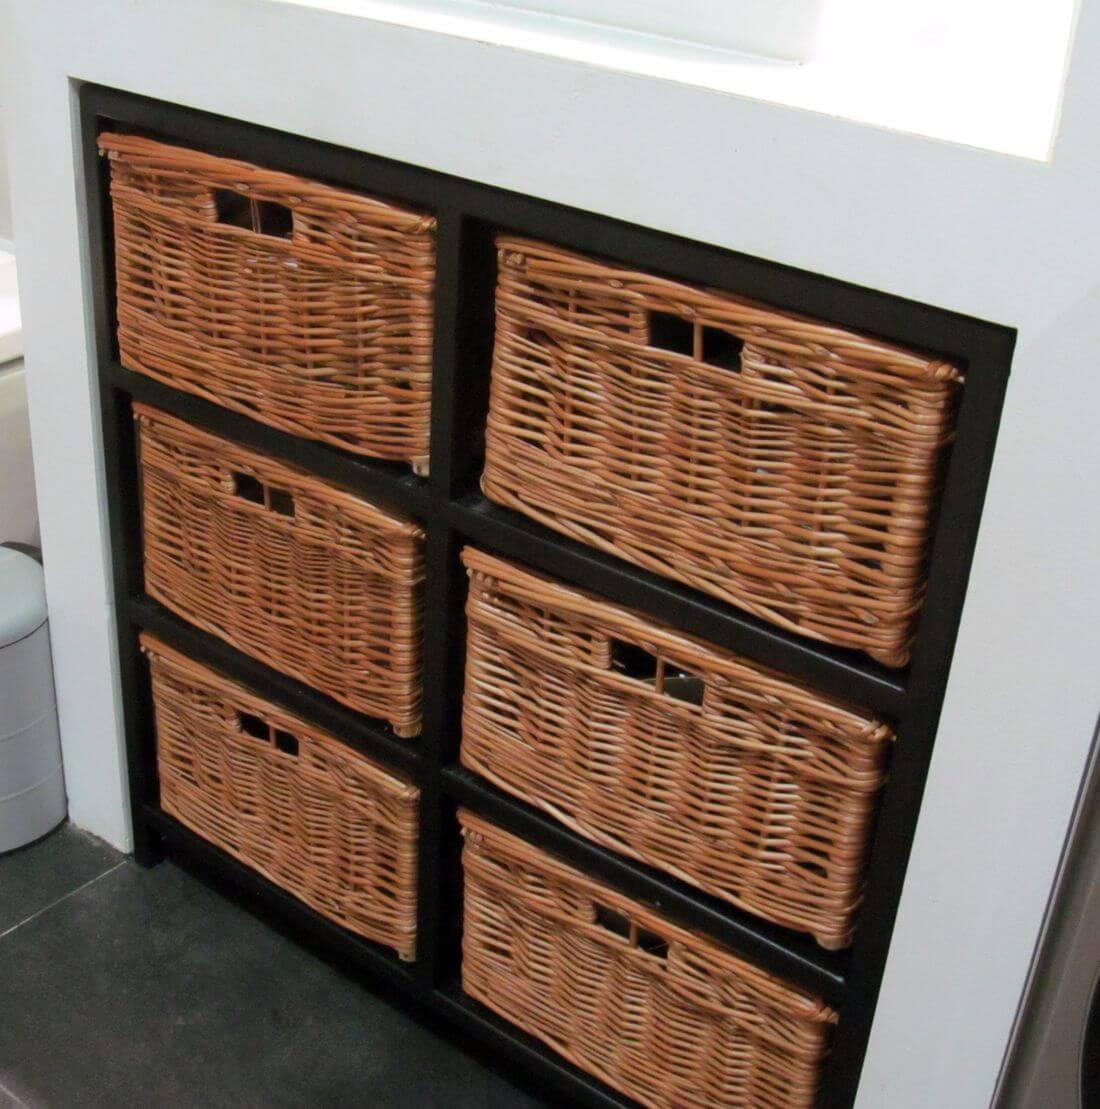 Loftowa metalowa półka w stylu industrialnym do łazienki z sześcioma koszami wiklinowymi na wymiar